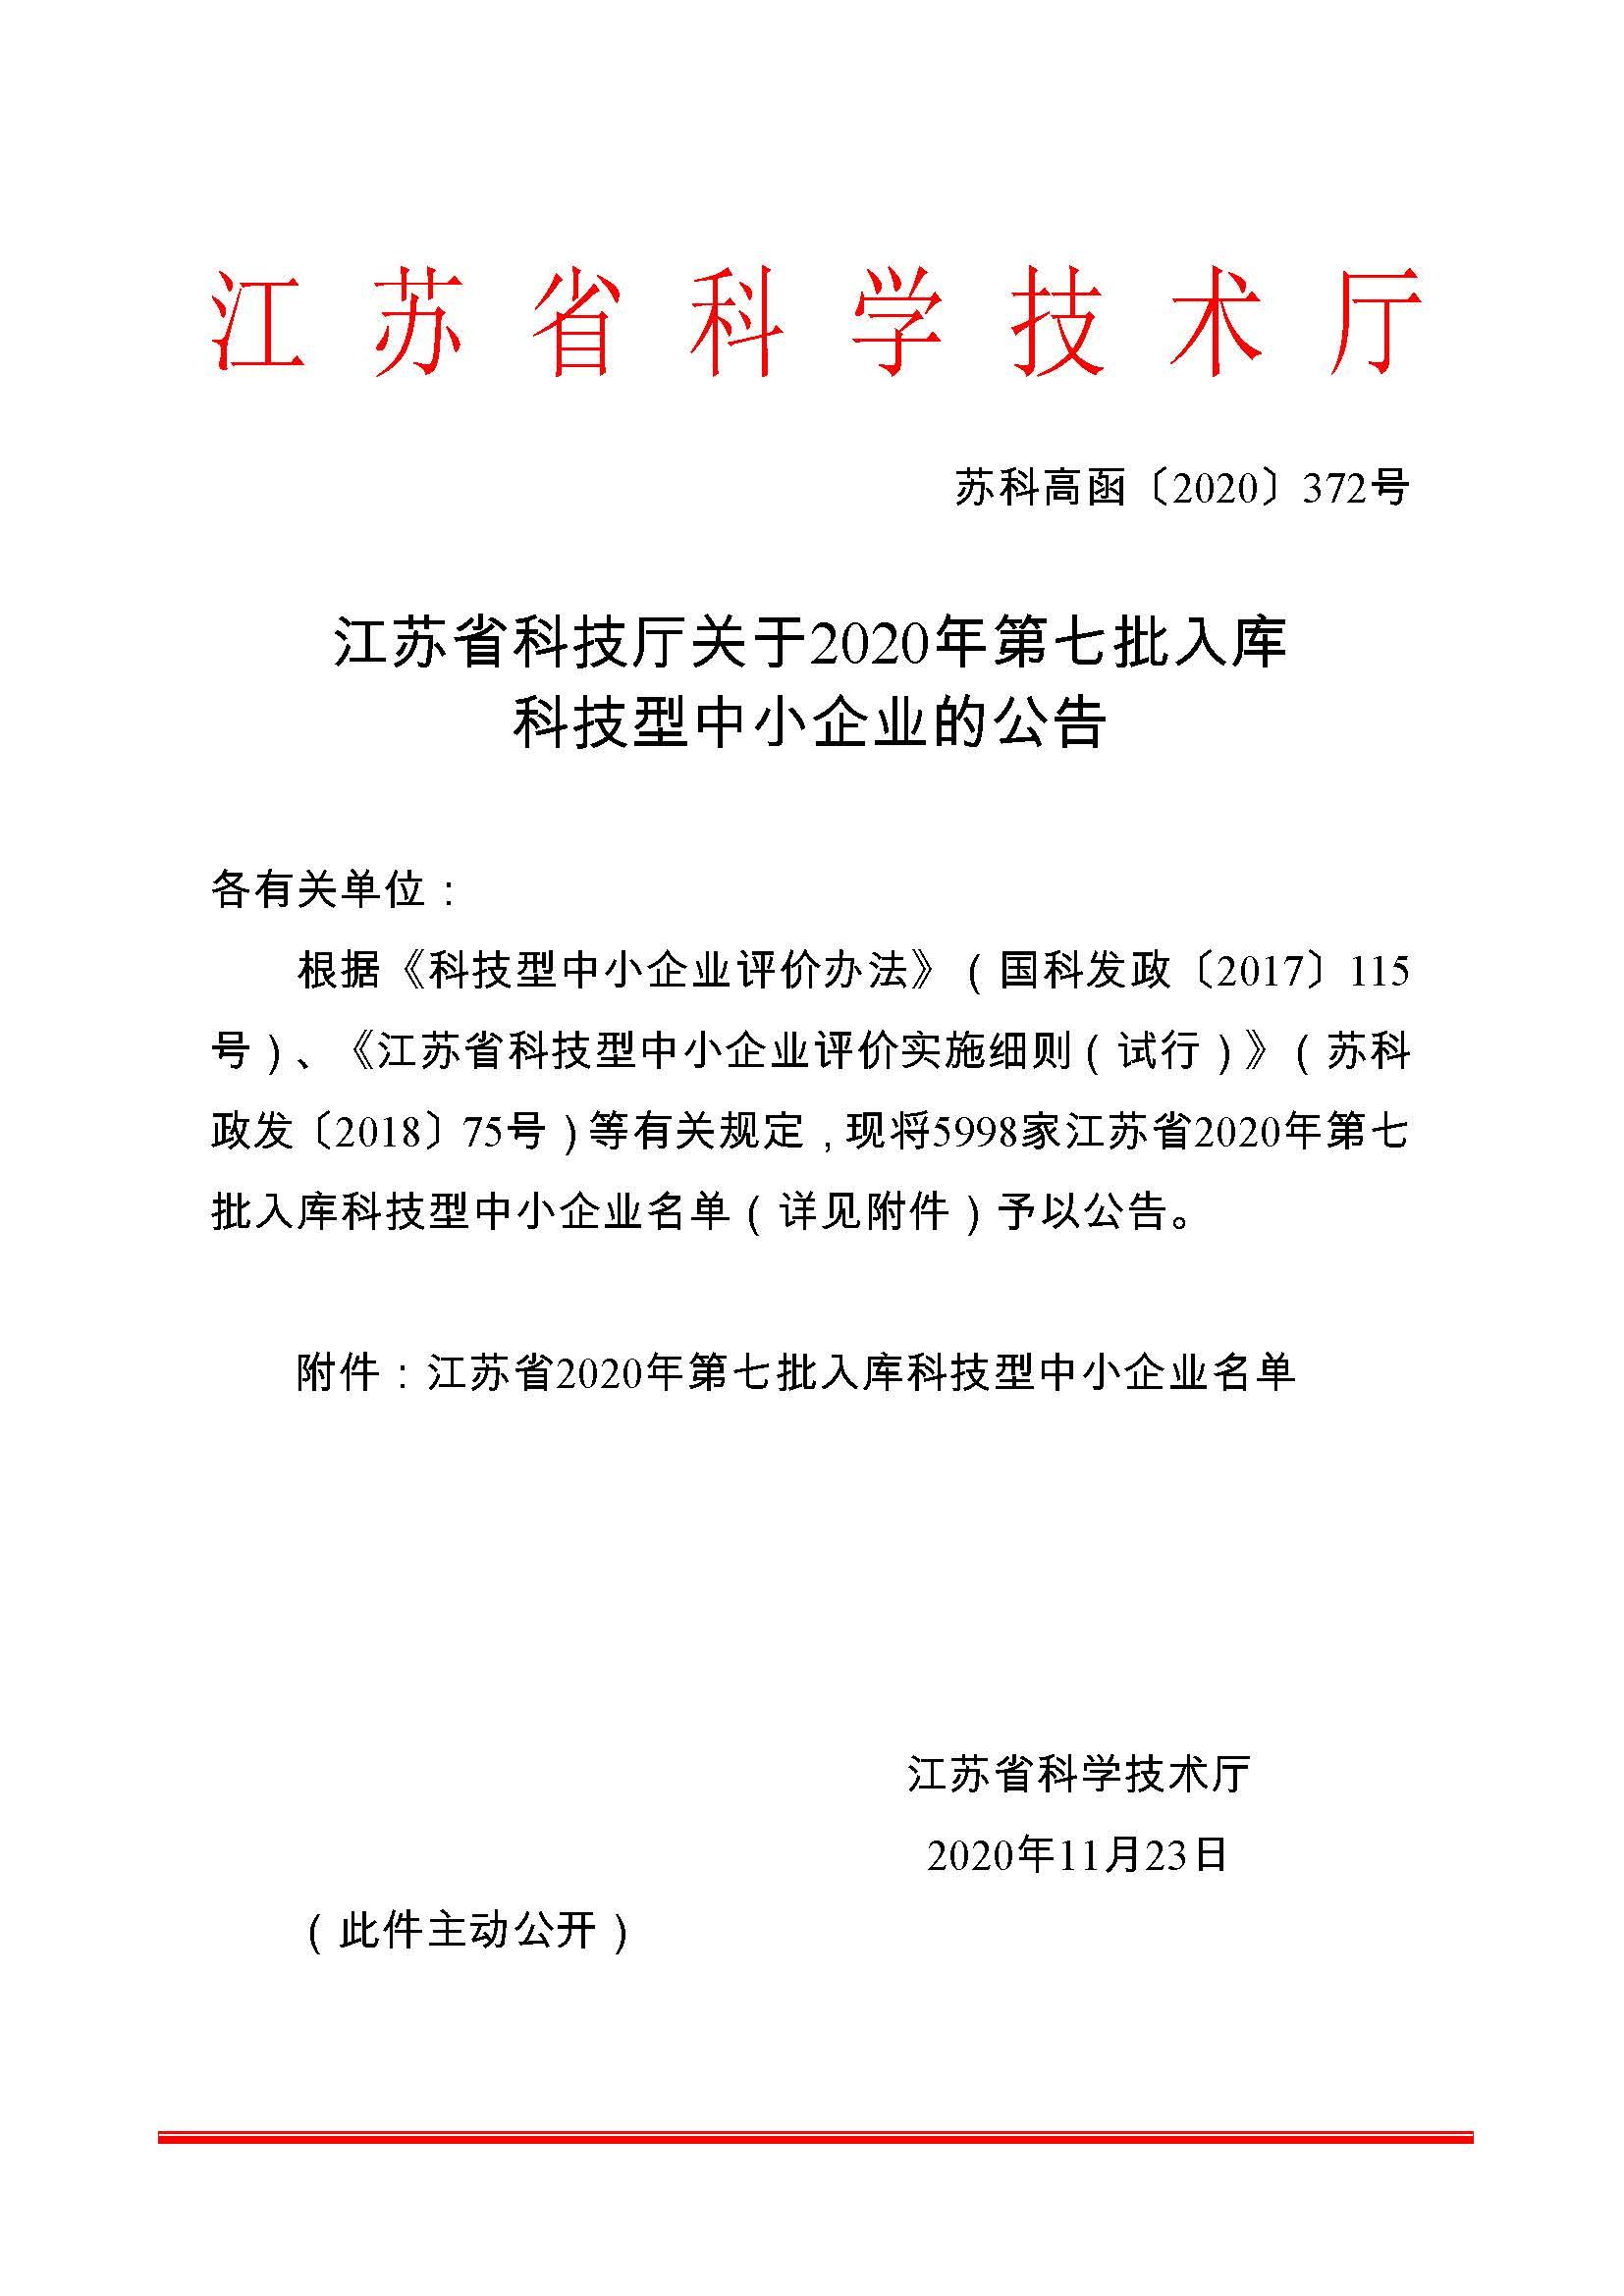 江蘇省科技廳關于2020年第七批入庫科技型中小企業的公告-加附件版.jpg